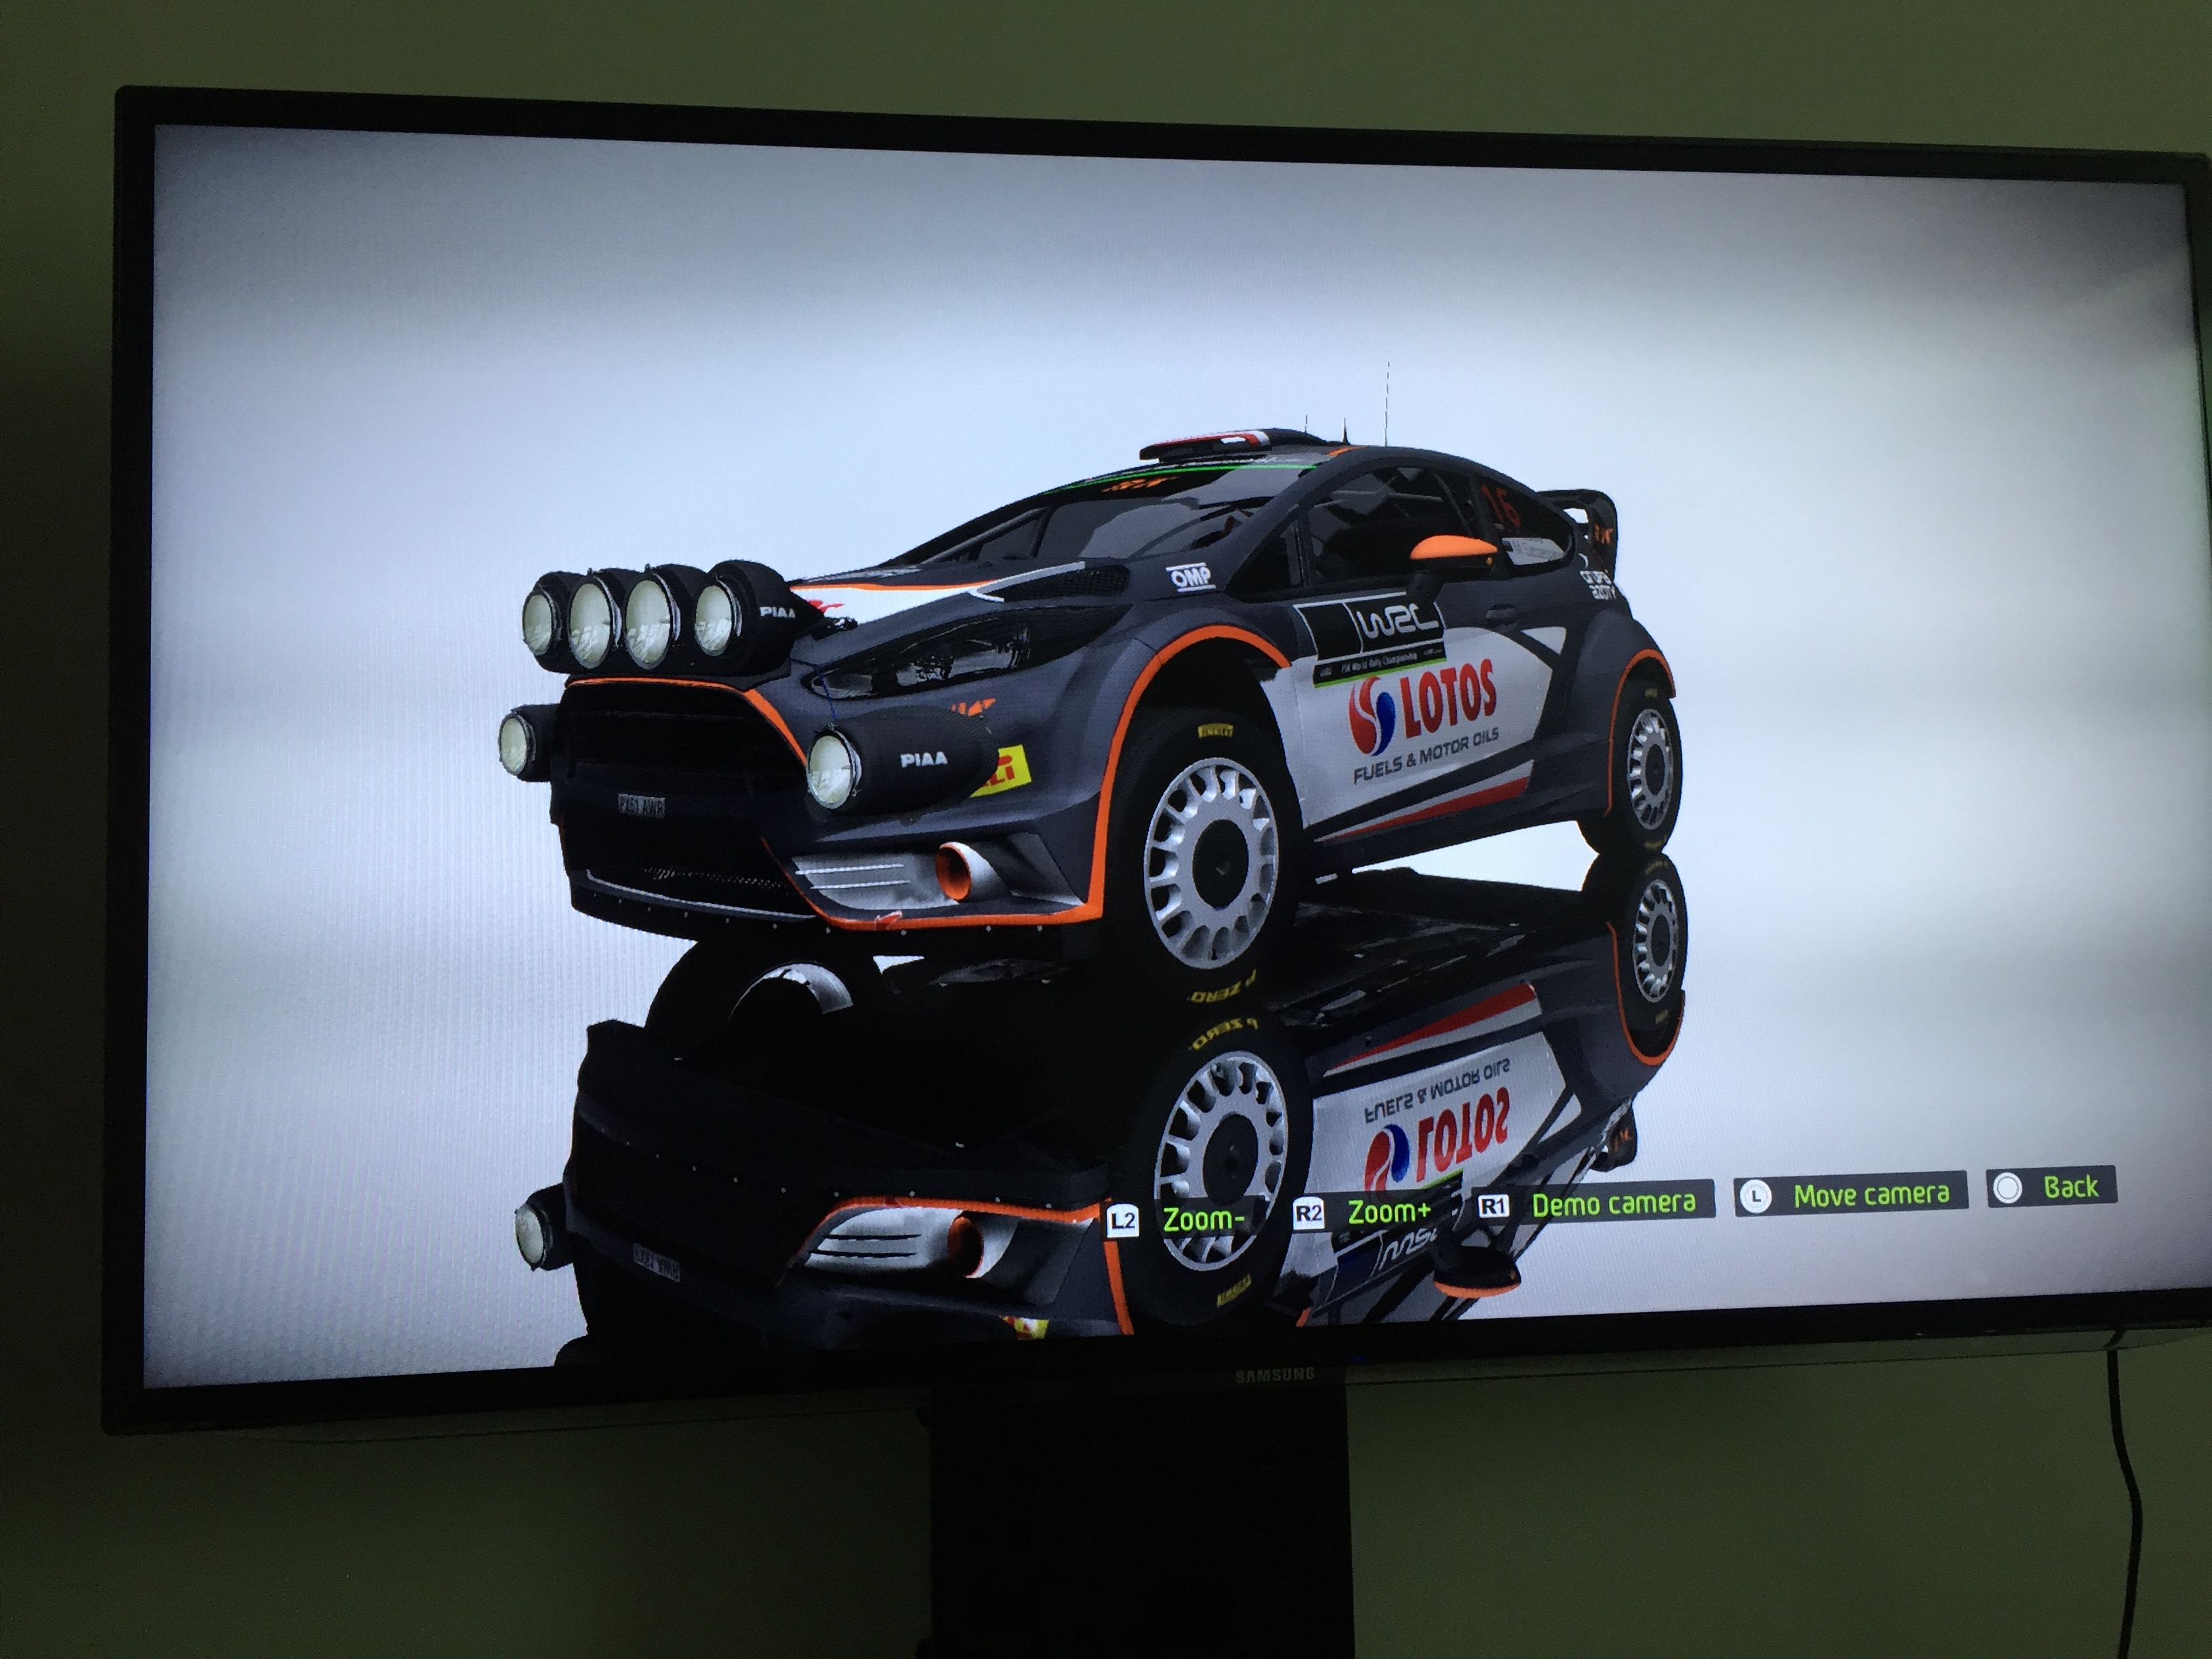 Zaśnieżone lasy, błotniste polne drogi i mokry asfalt – graliśmy już w WRC 5, czyli pierwszągrę rajdową na konsole nowej generacji